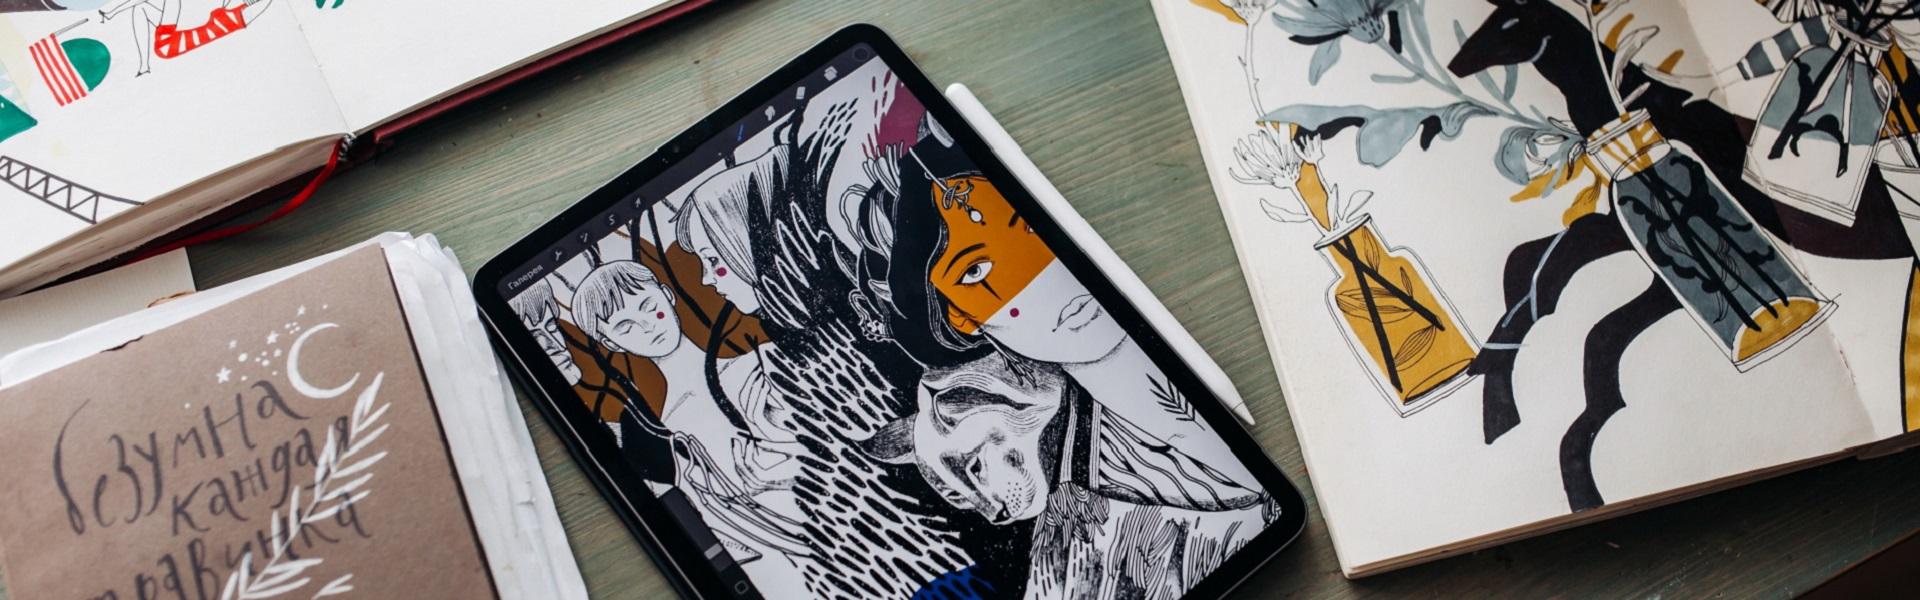 «В семье сохранились рисунки прапрадеда». Интервью с иллюстратором Настей Кардашовой